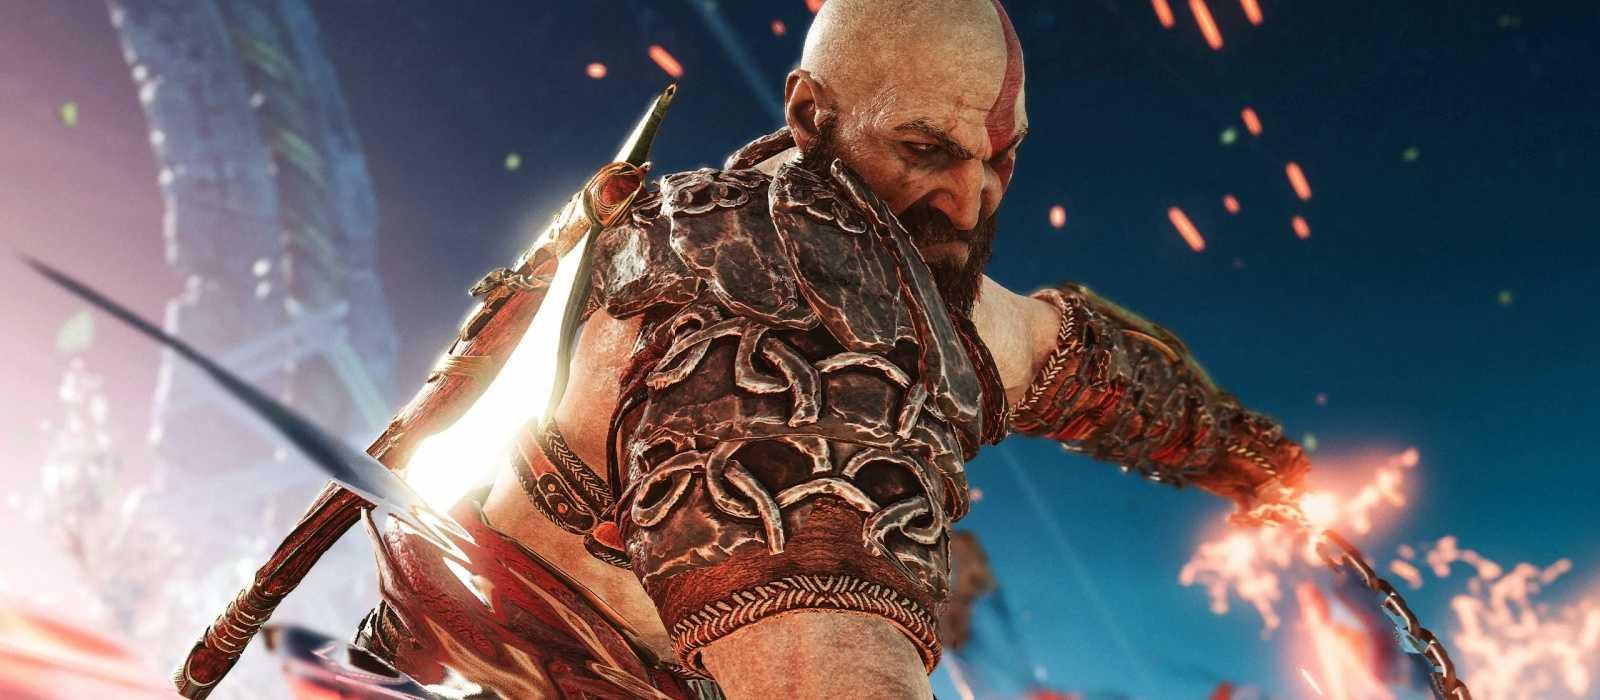 Medien: Der neue God of War ist für die PlayStation 5 in Entwicklung